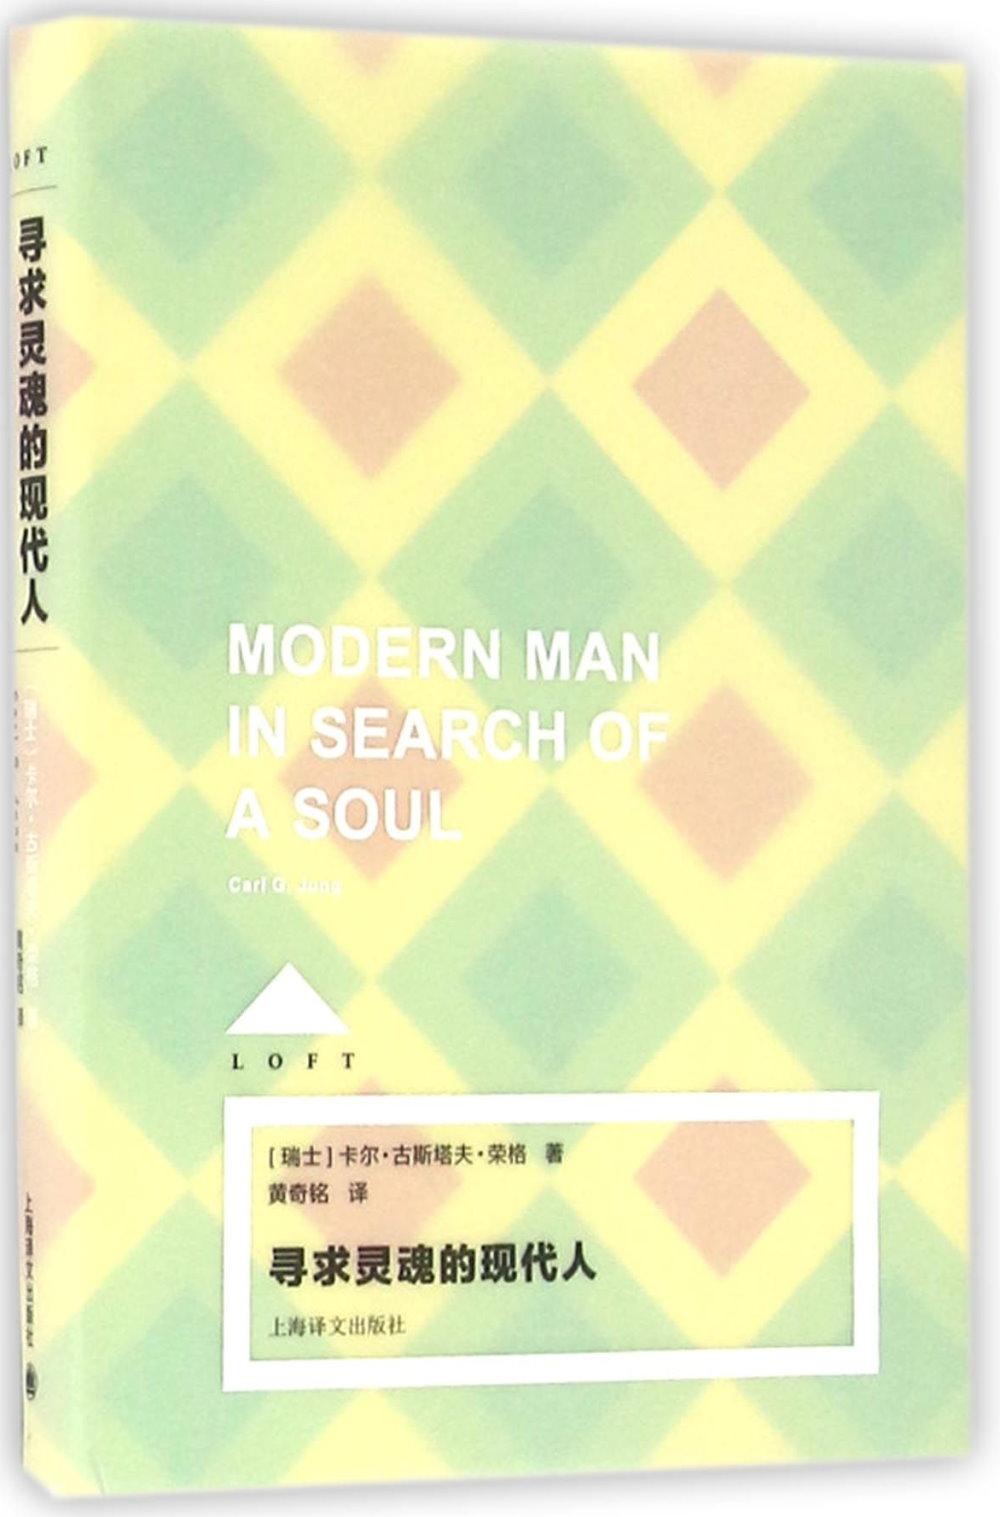 尋求靈魂的現代人